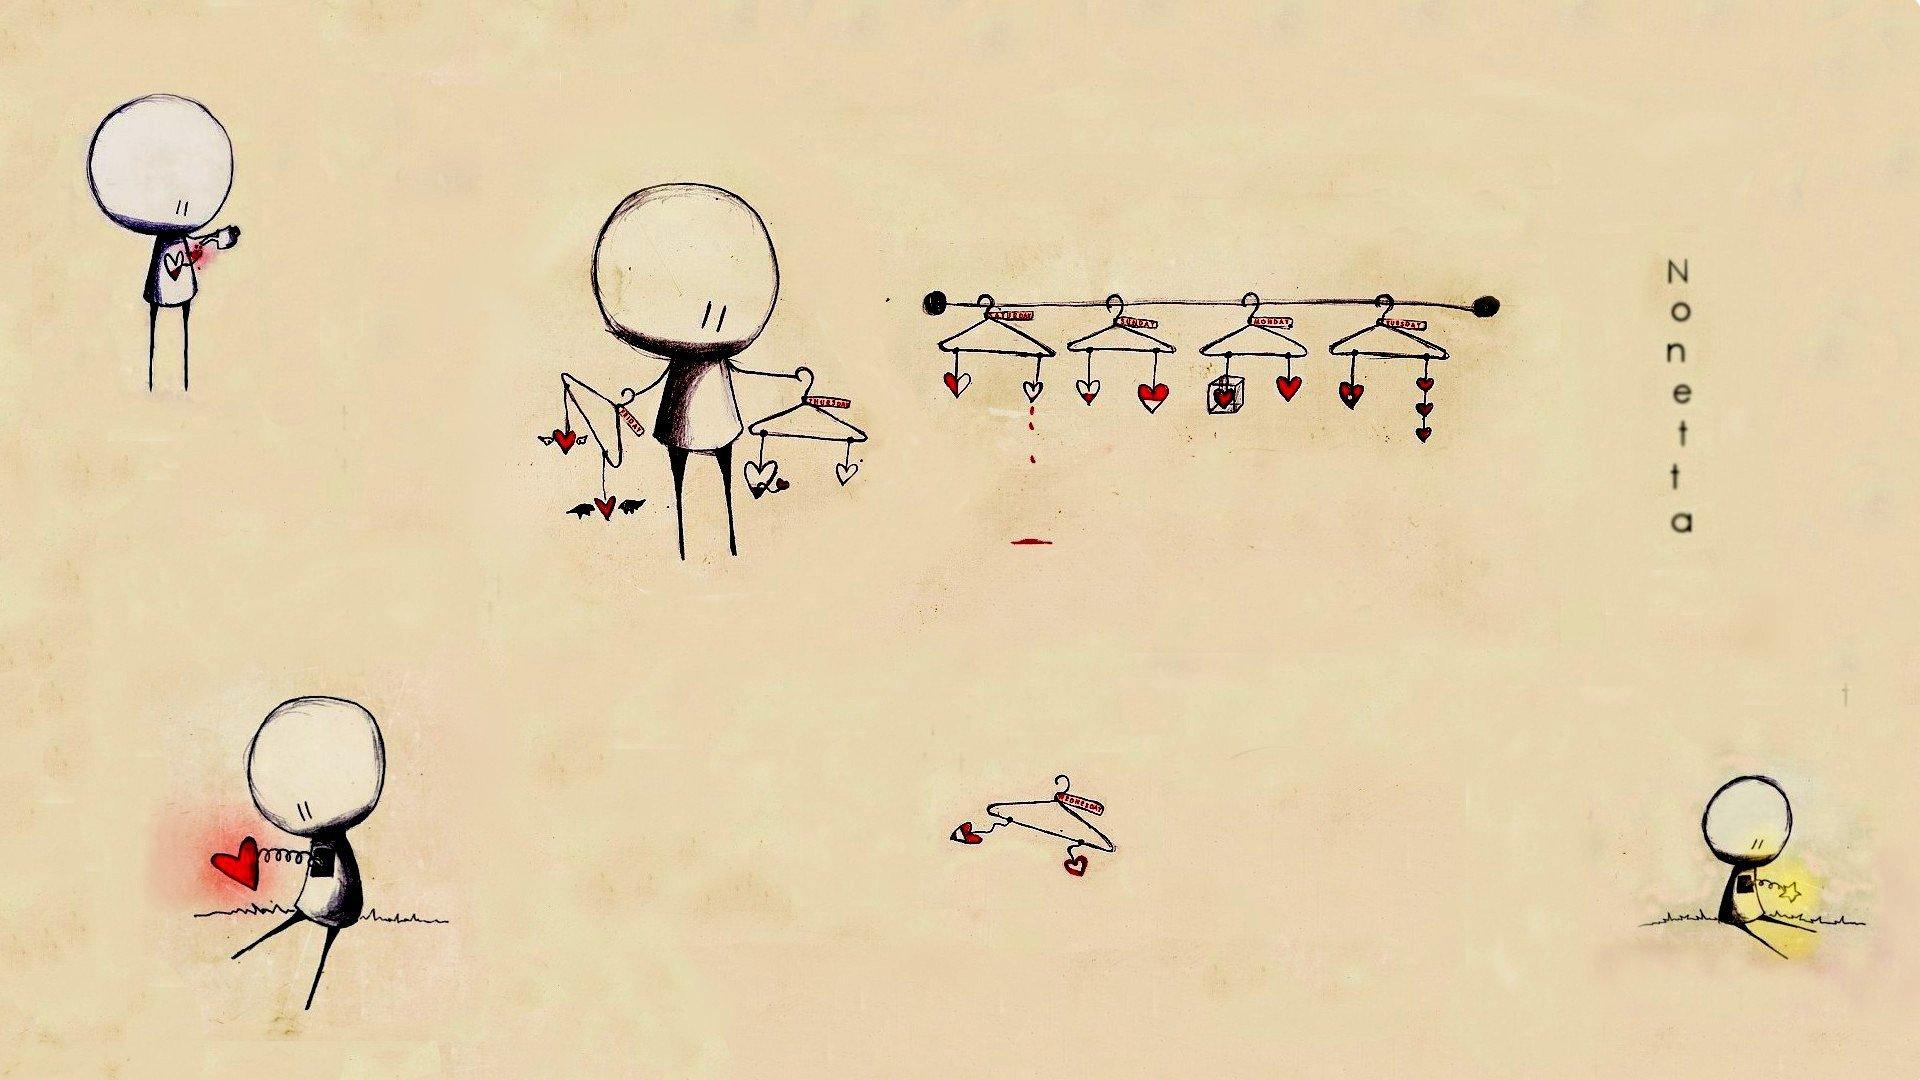 любовь креативное загрузить